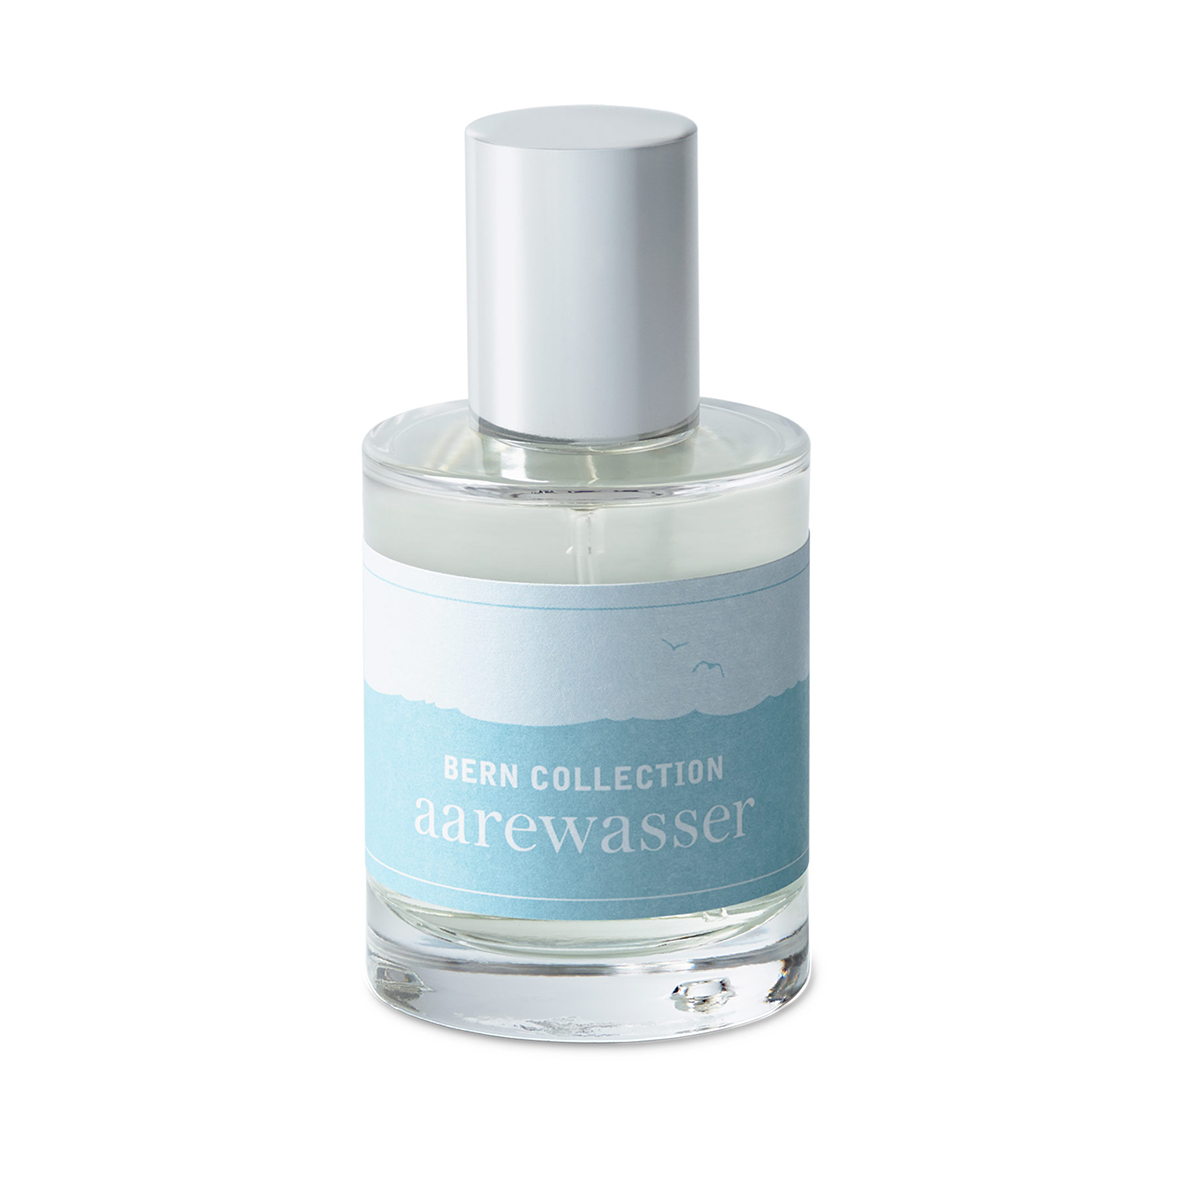 Parfum Bern Collection Aarewasser von Art of Scent